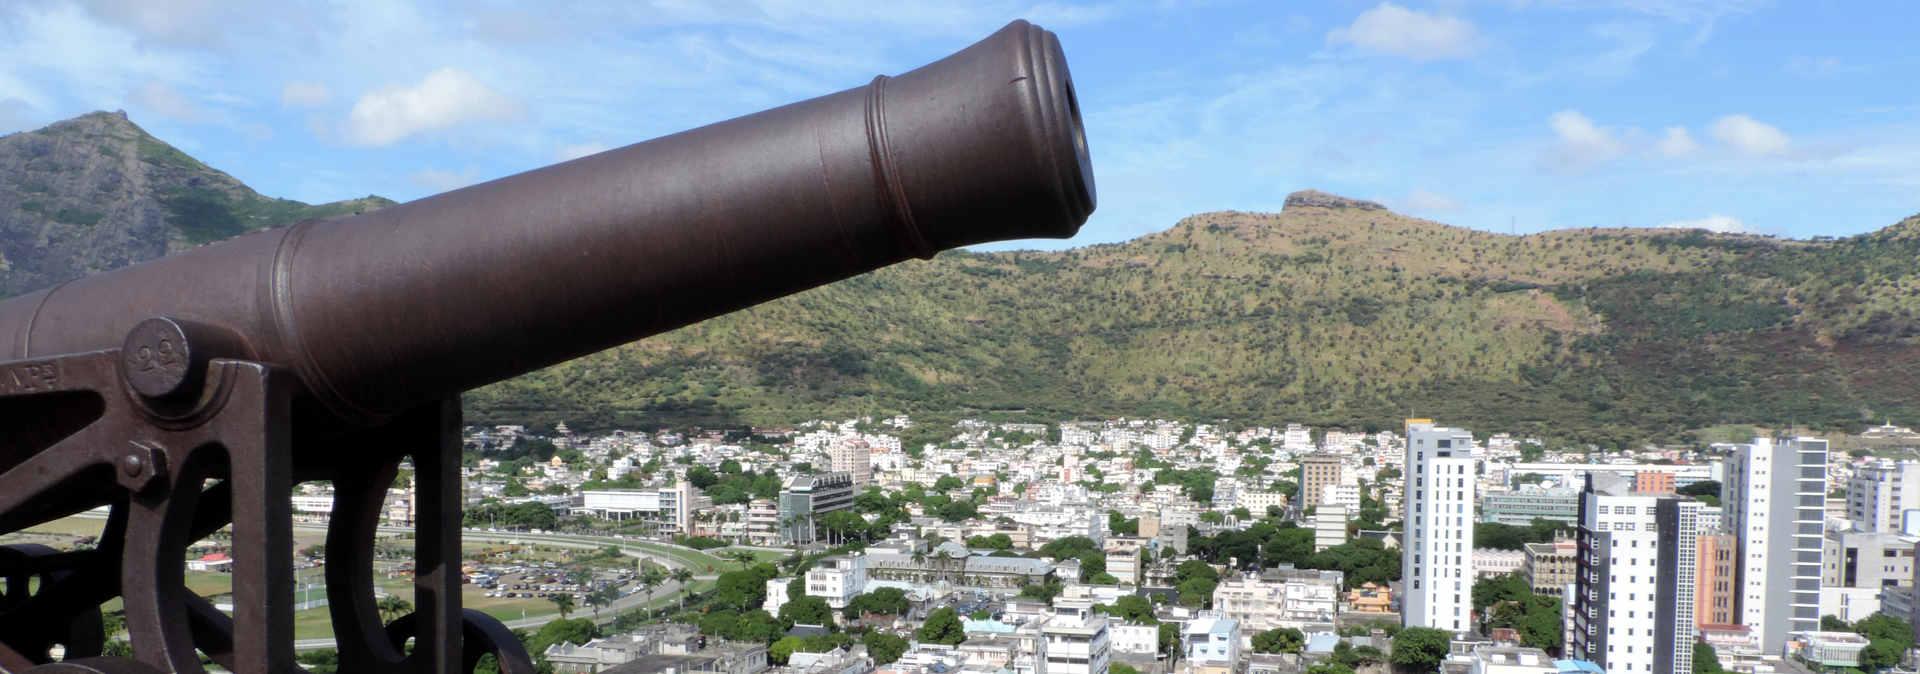 Citadelle Fort Adelaide en Mauricio